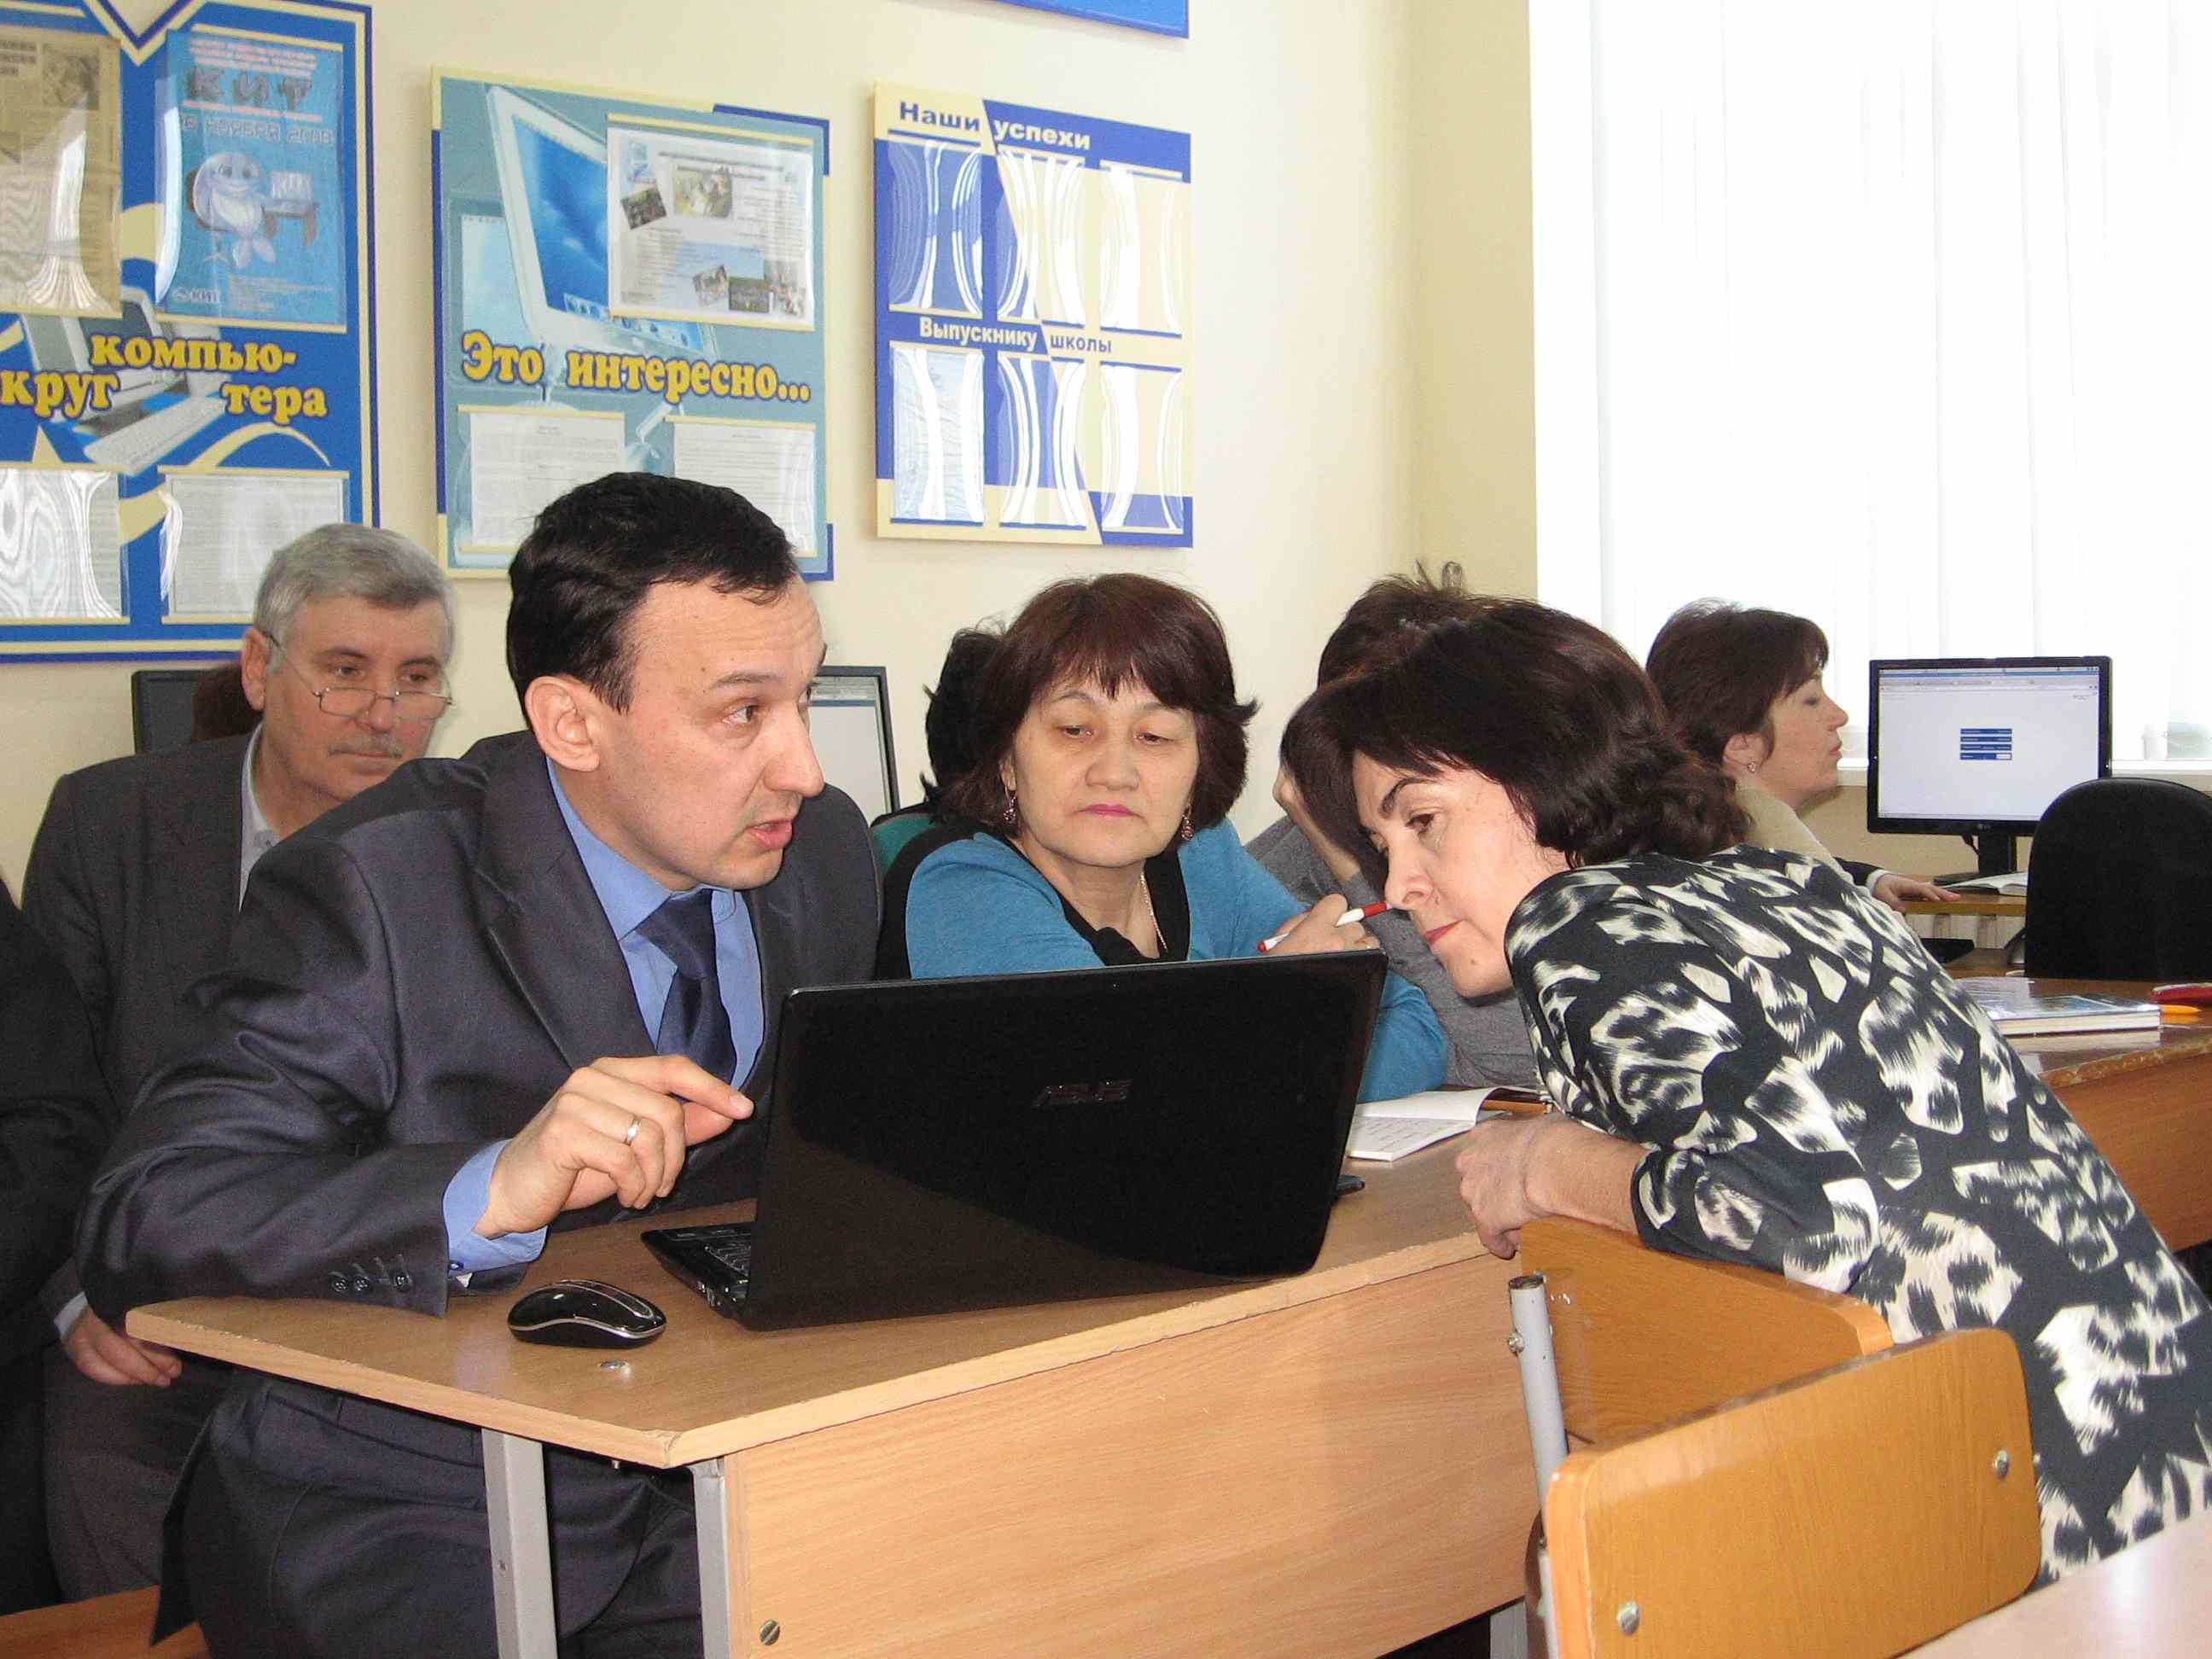 Юные таланты земли владимирской мастер класс с фото #1